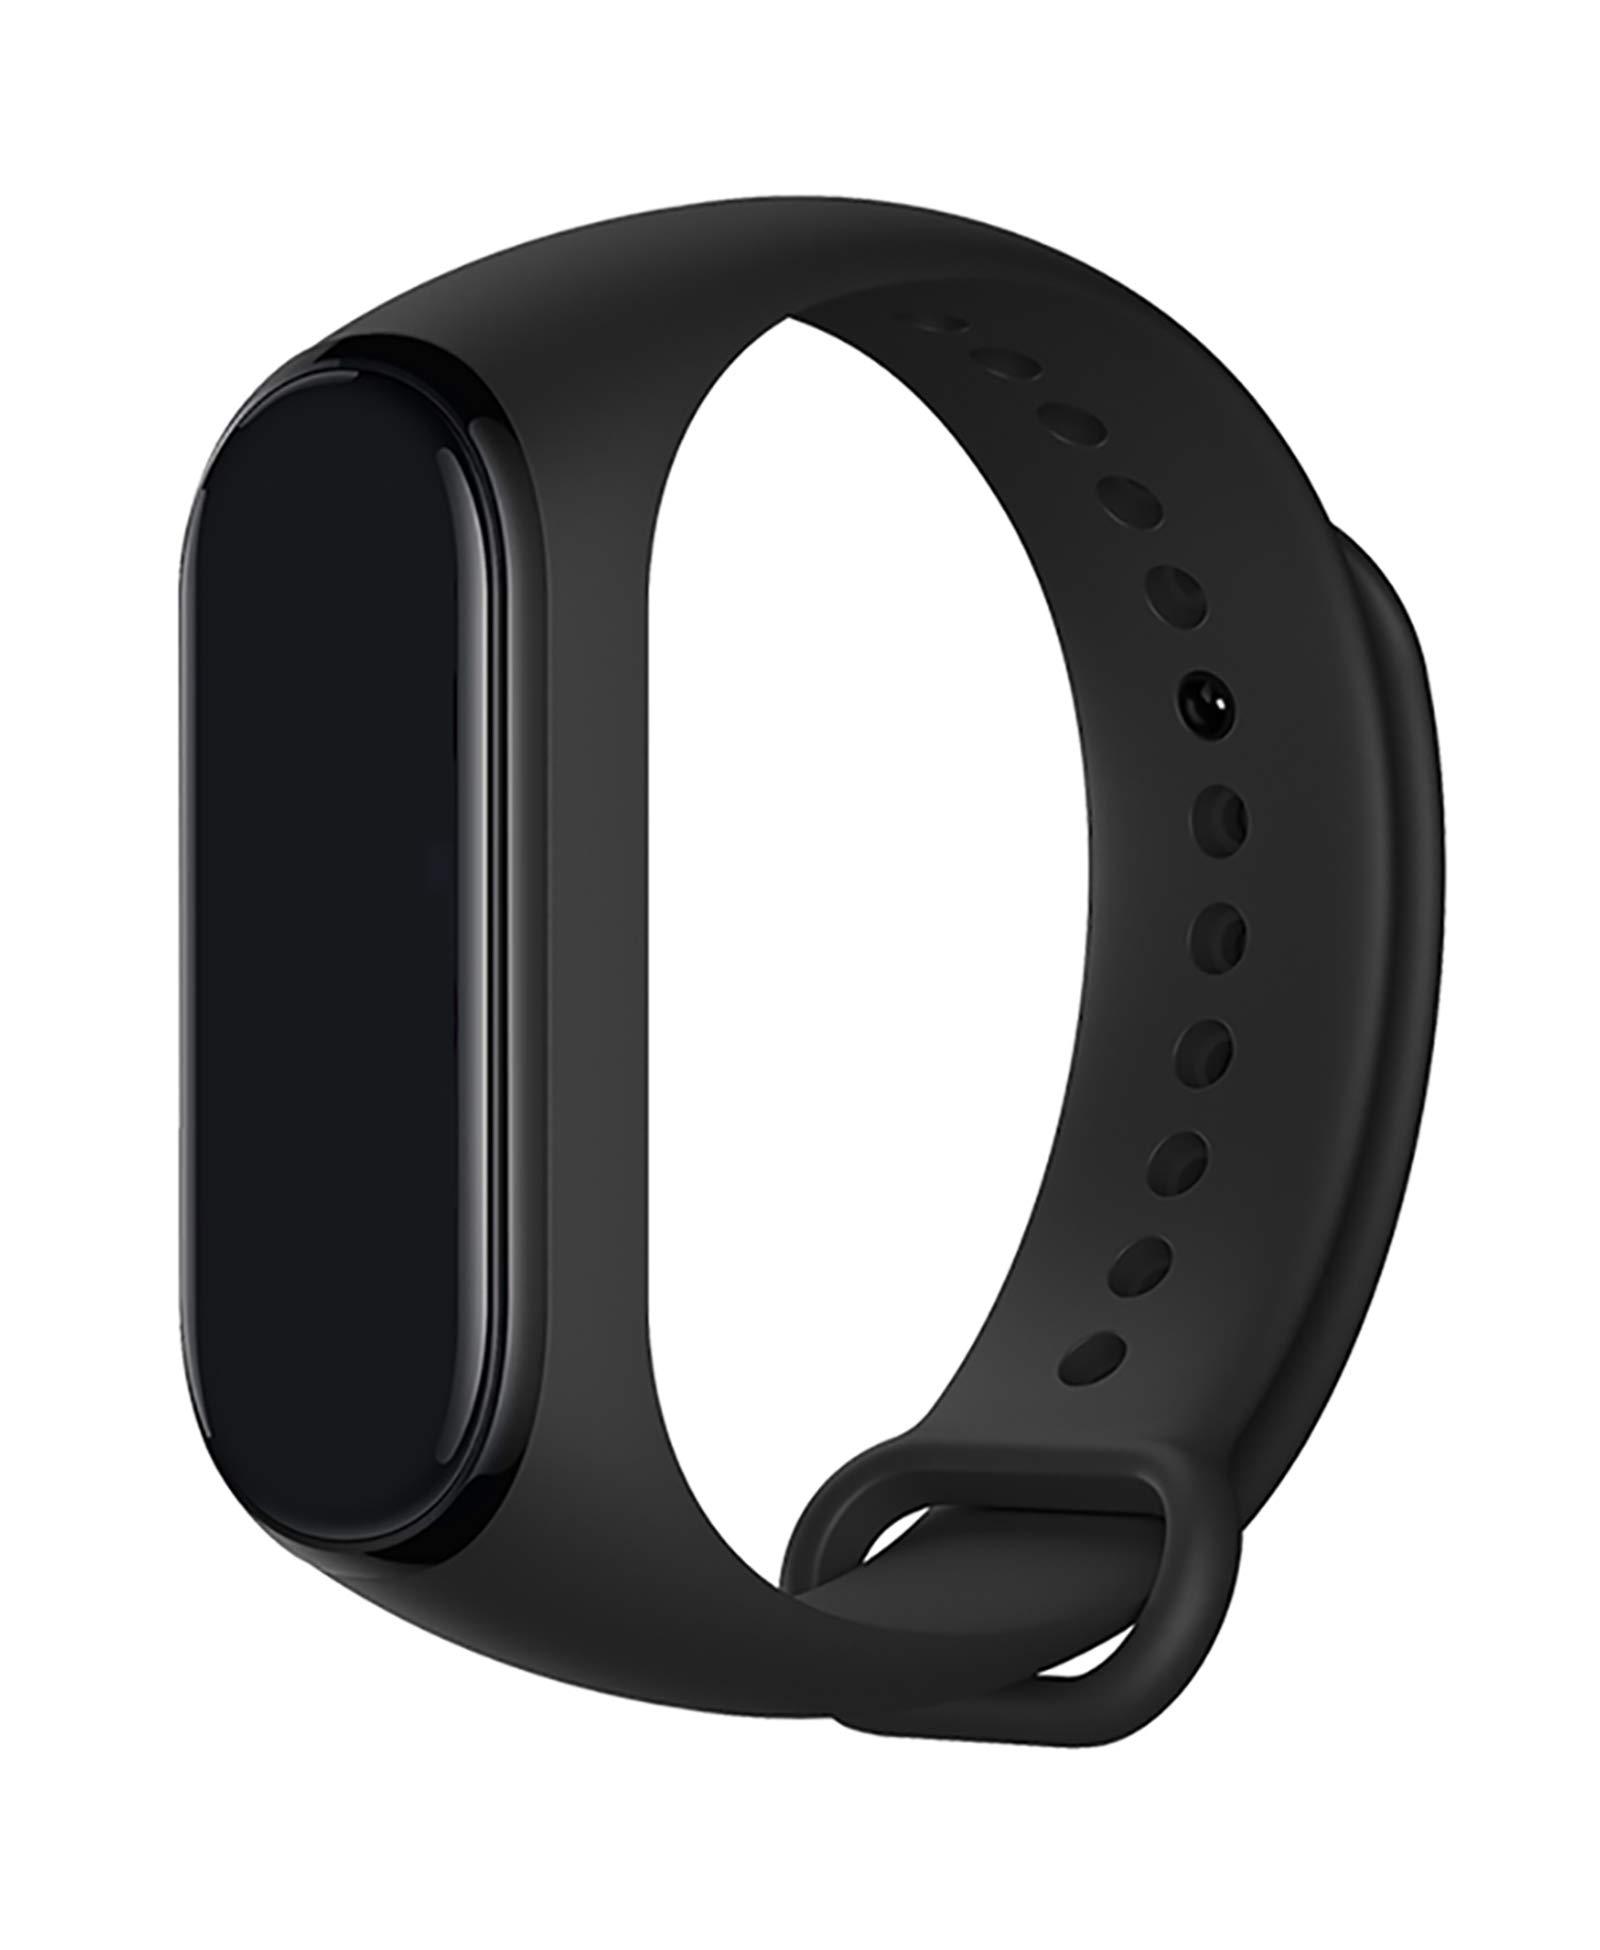 Maspen Strap for Xiaomi Mi Band 4 / Mi Band 3 Strap, Soft Silicone Replacement Strap Wristband WatchBand Accessories for Xiaomi Mi Band 3/4